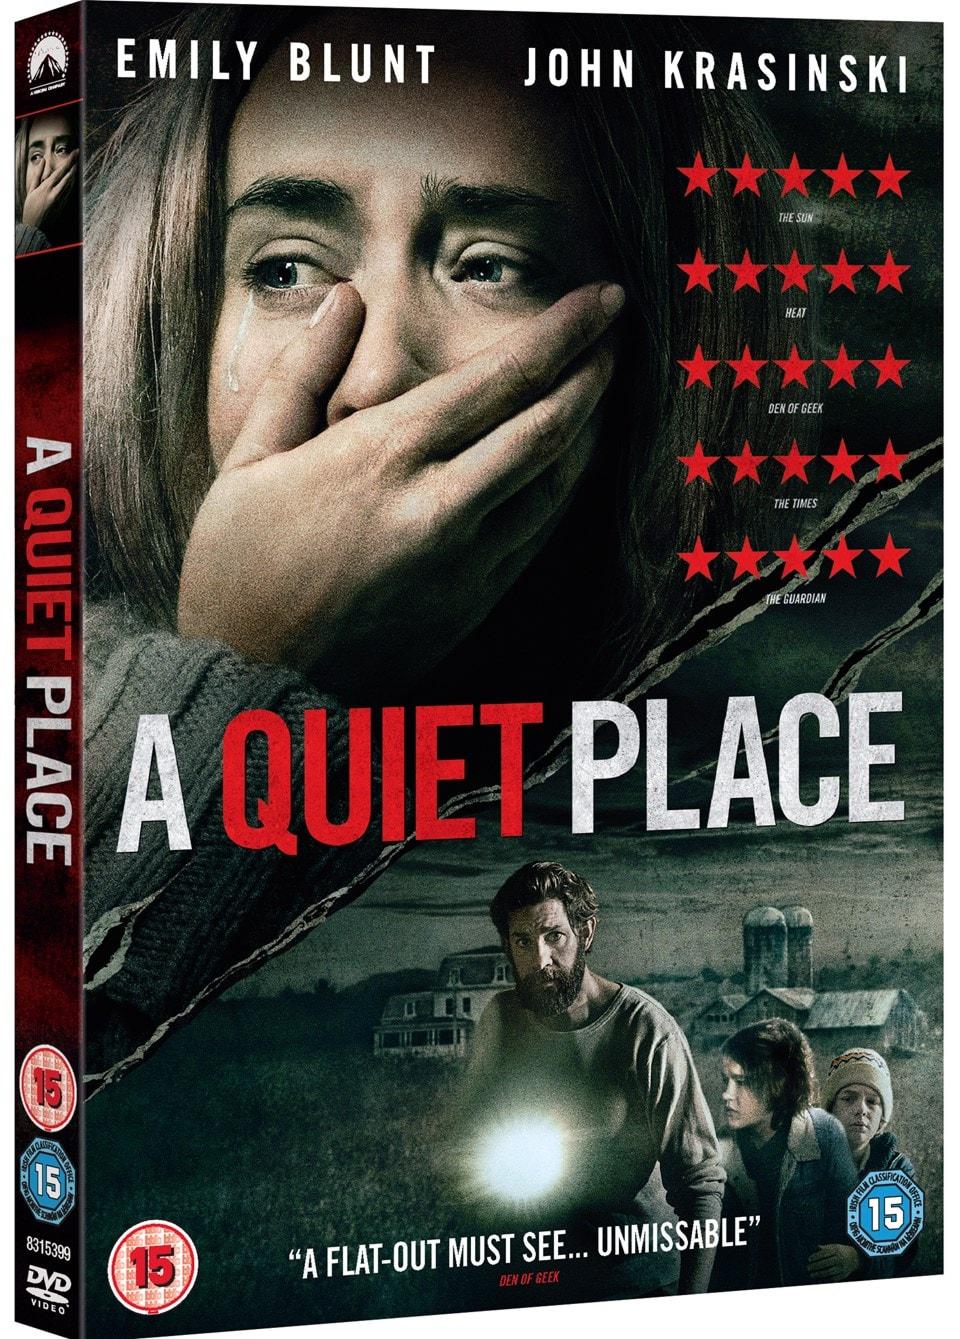 A Quiet Place - 2